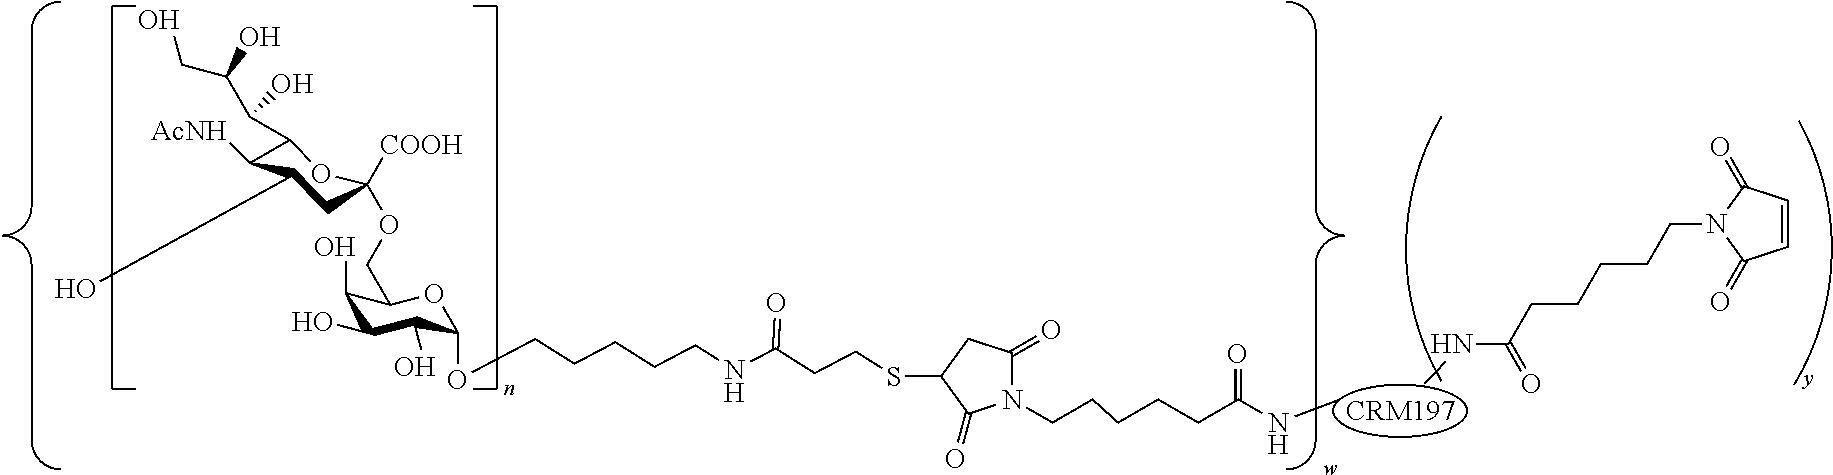 Figure US09981030-20180529-C00011